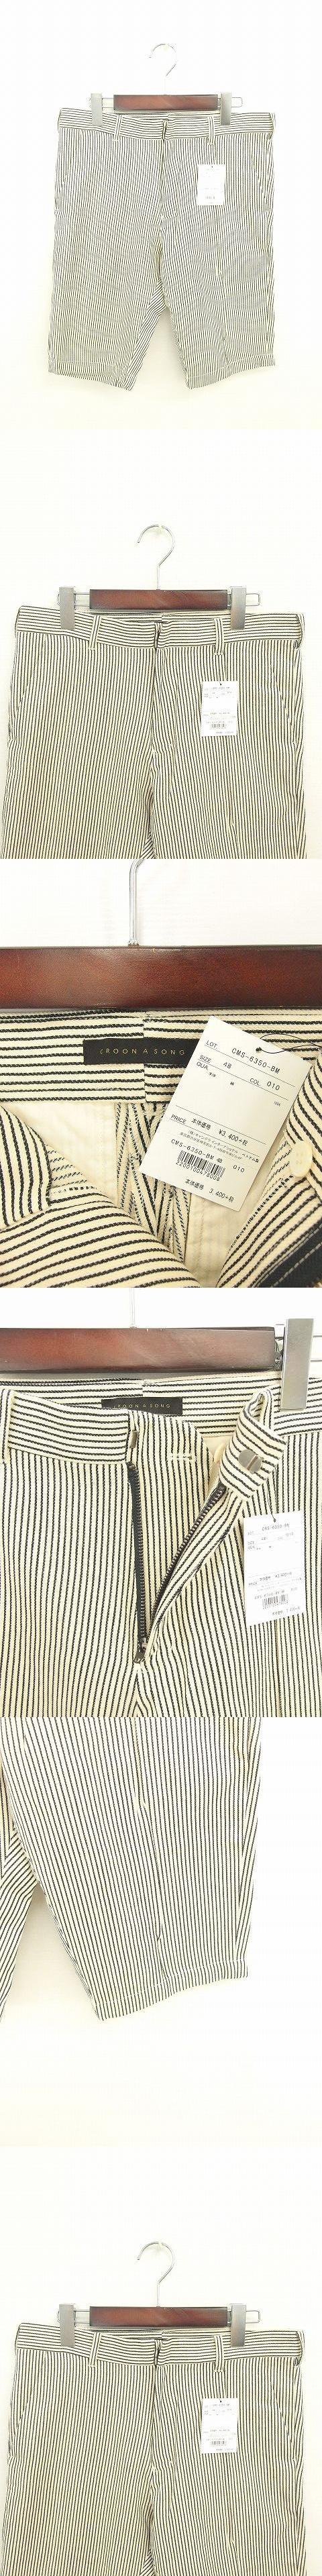 タグ付き パンツ ハーフ ストライプ 綿 コットン 48 白 黒 オフホワイト ブラック /TT43